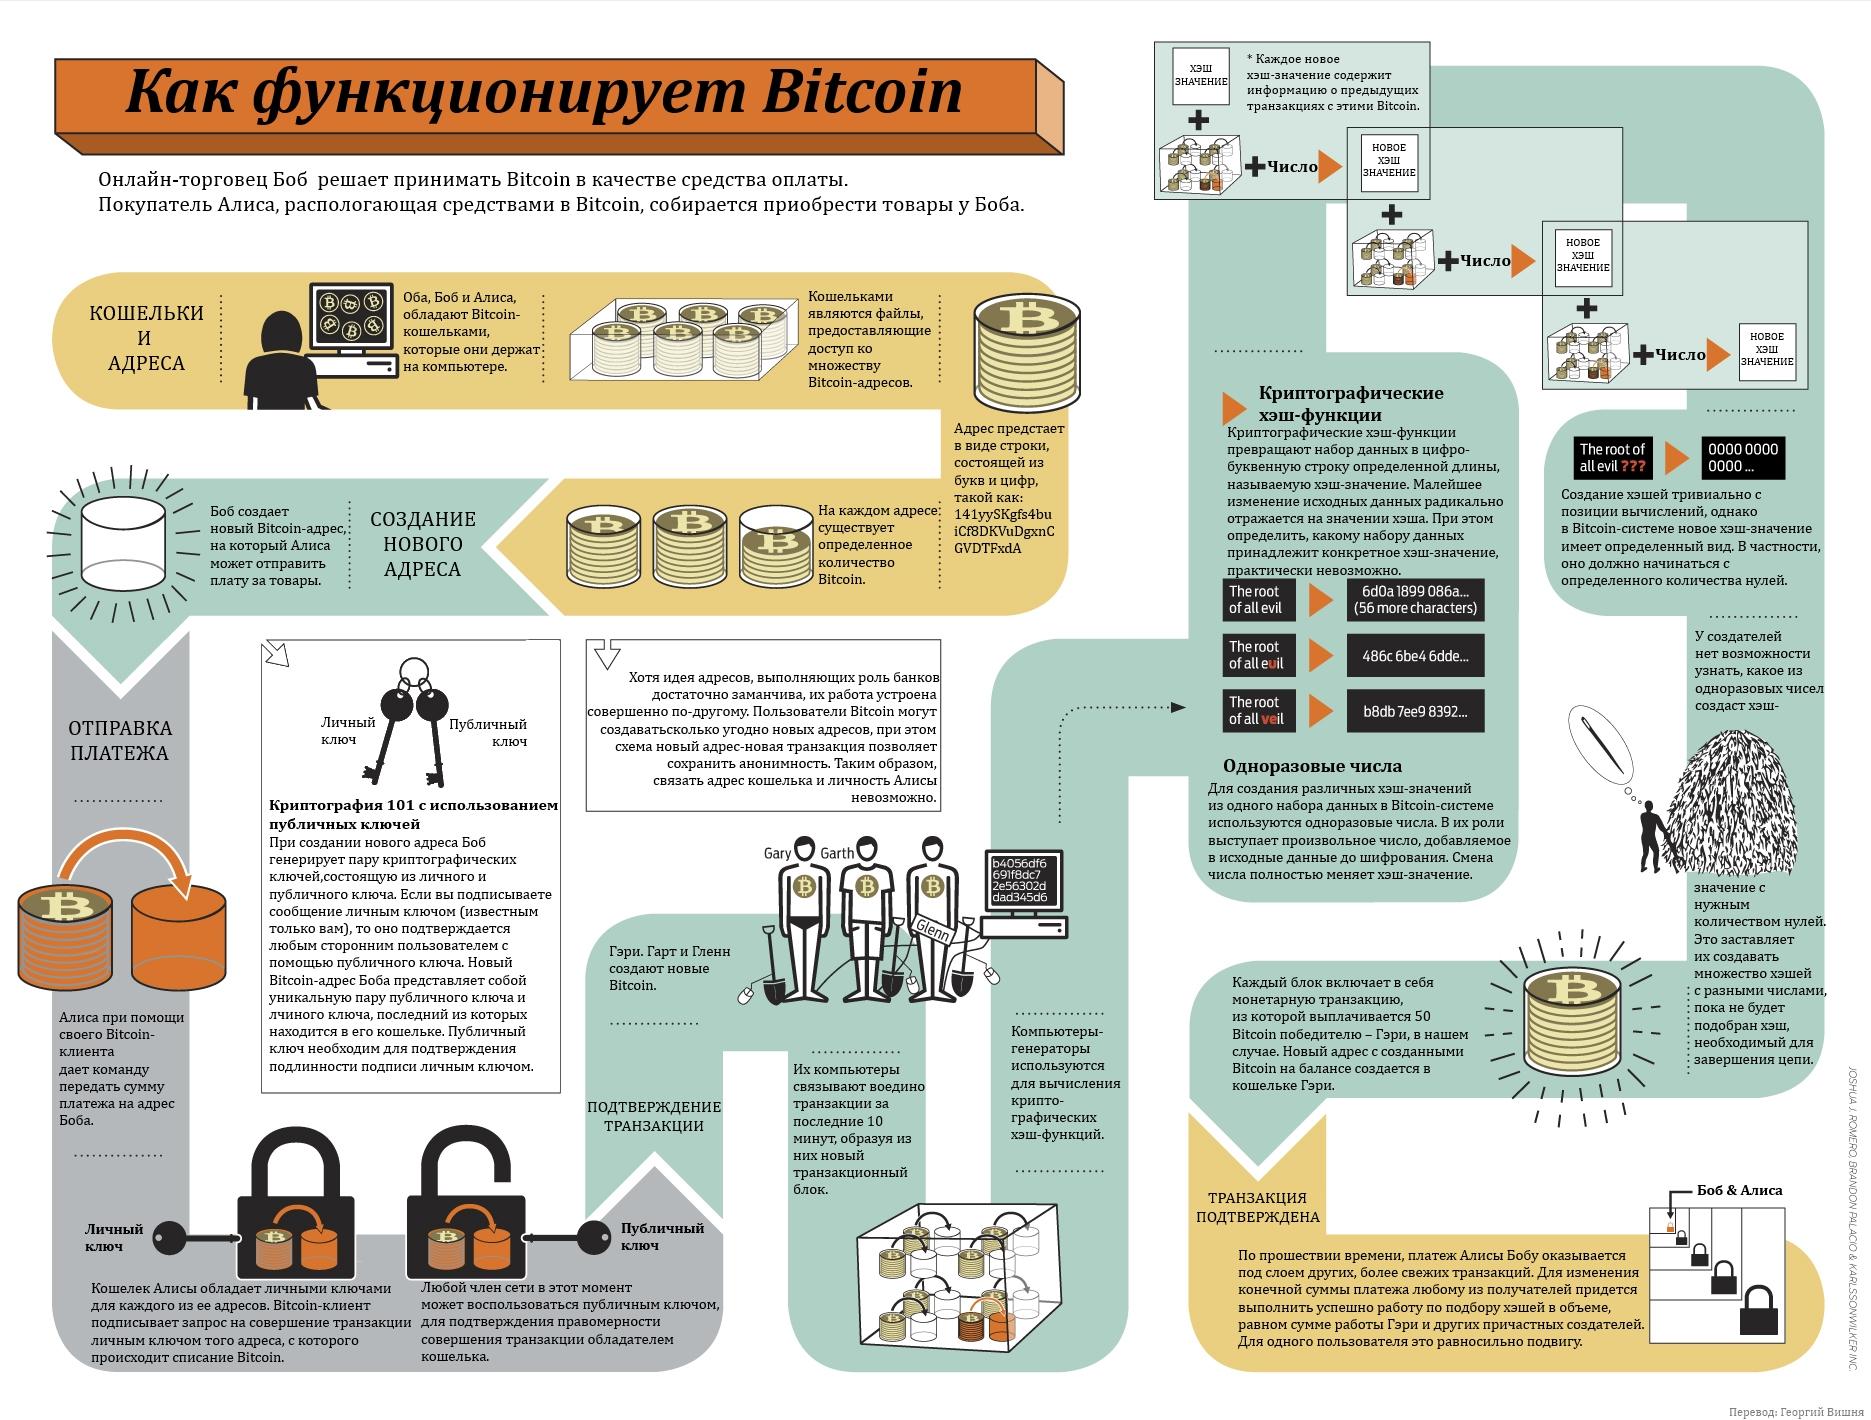 инфографика как функционирует биткойн